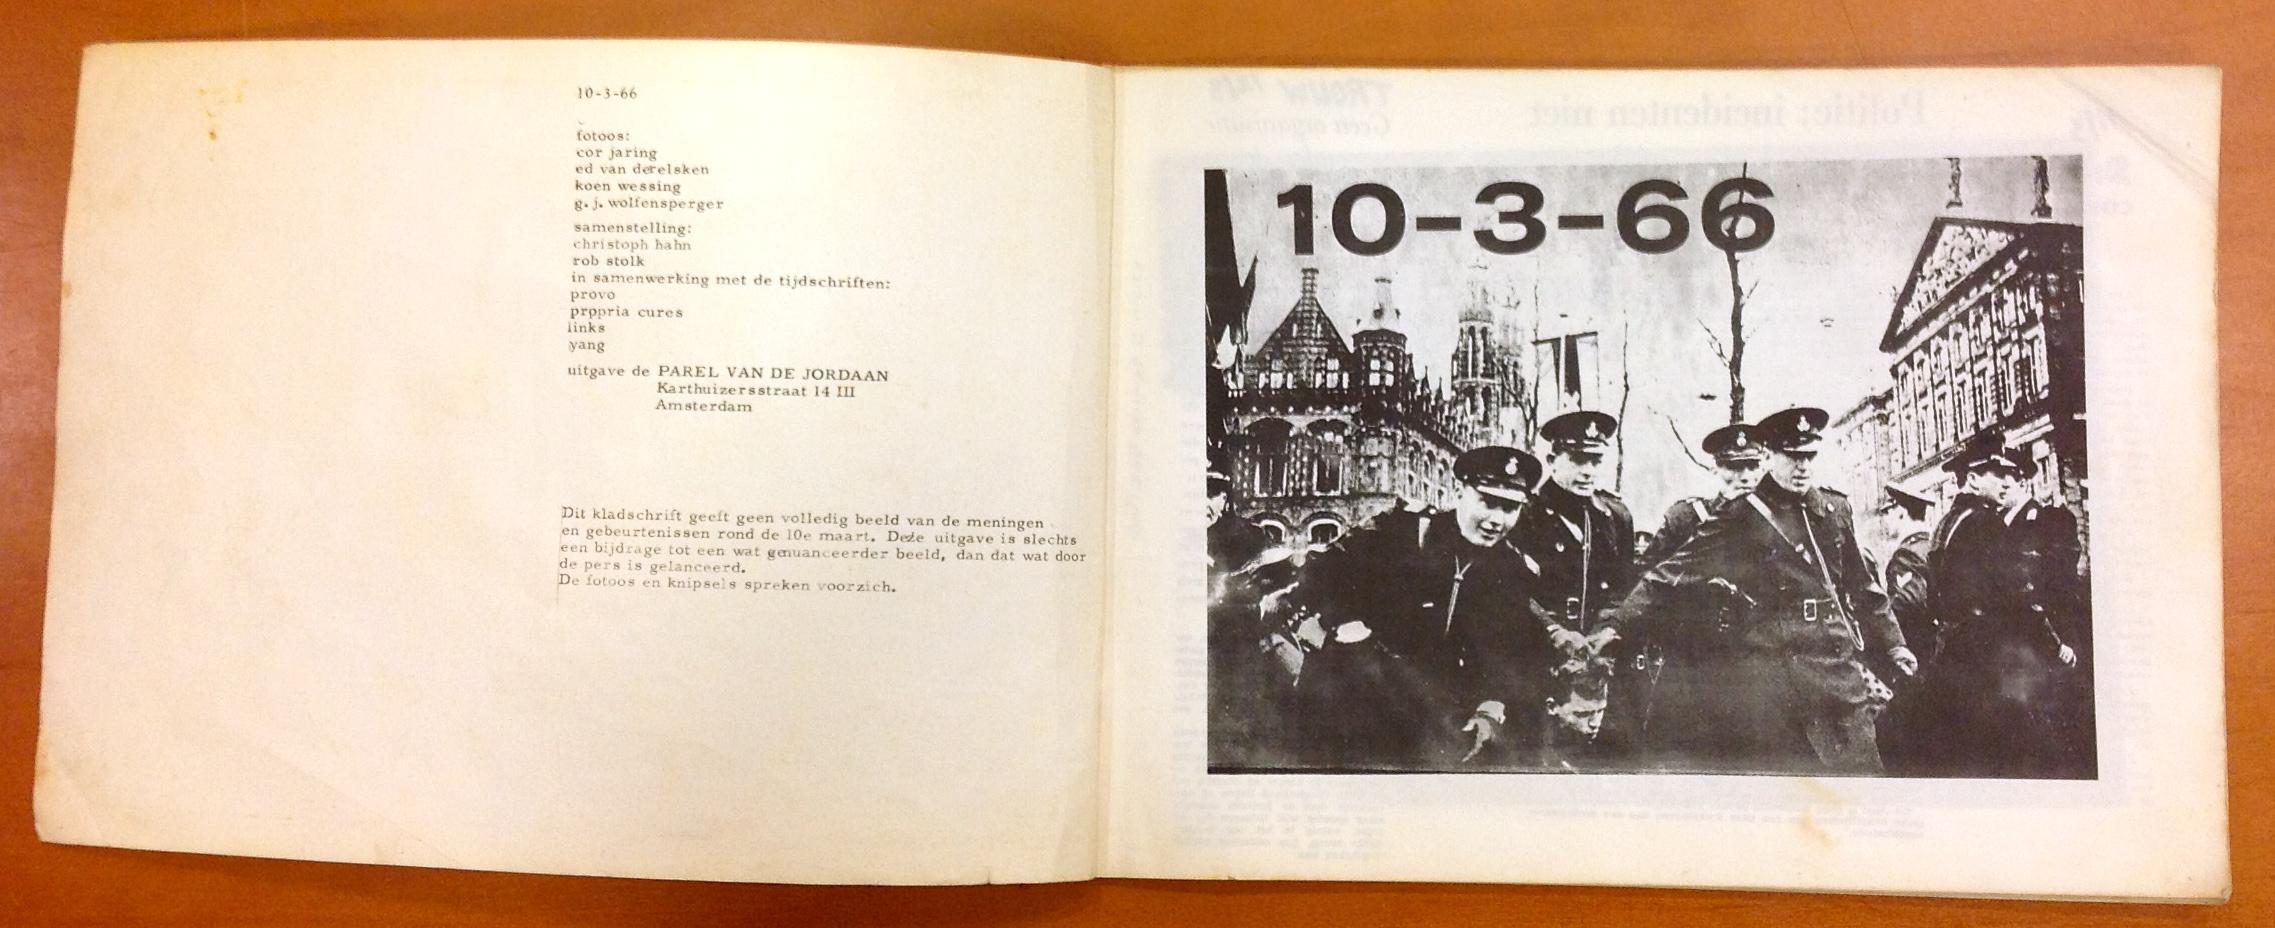 10 maat '66